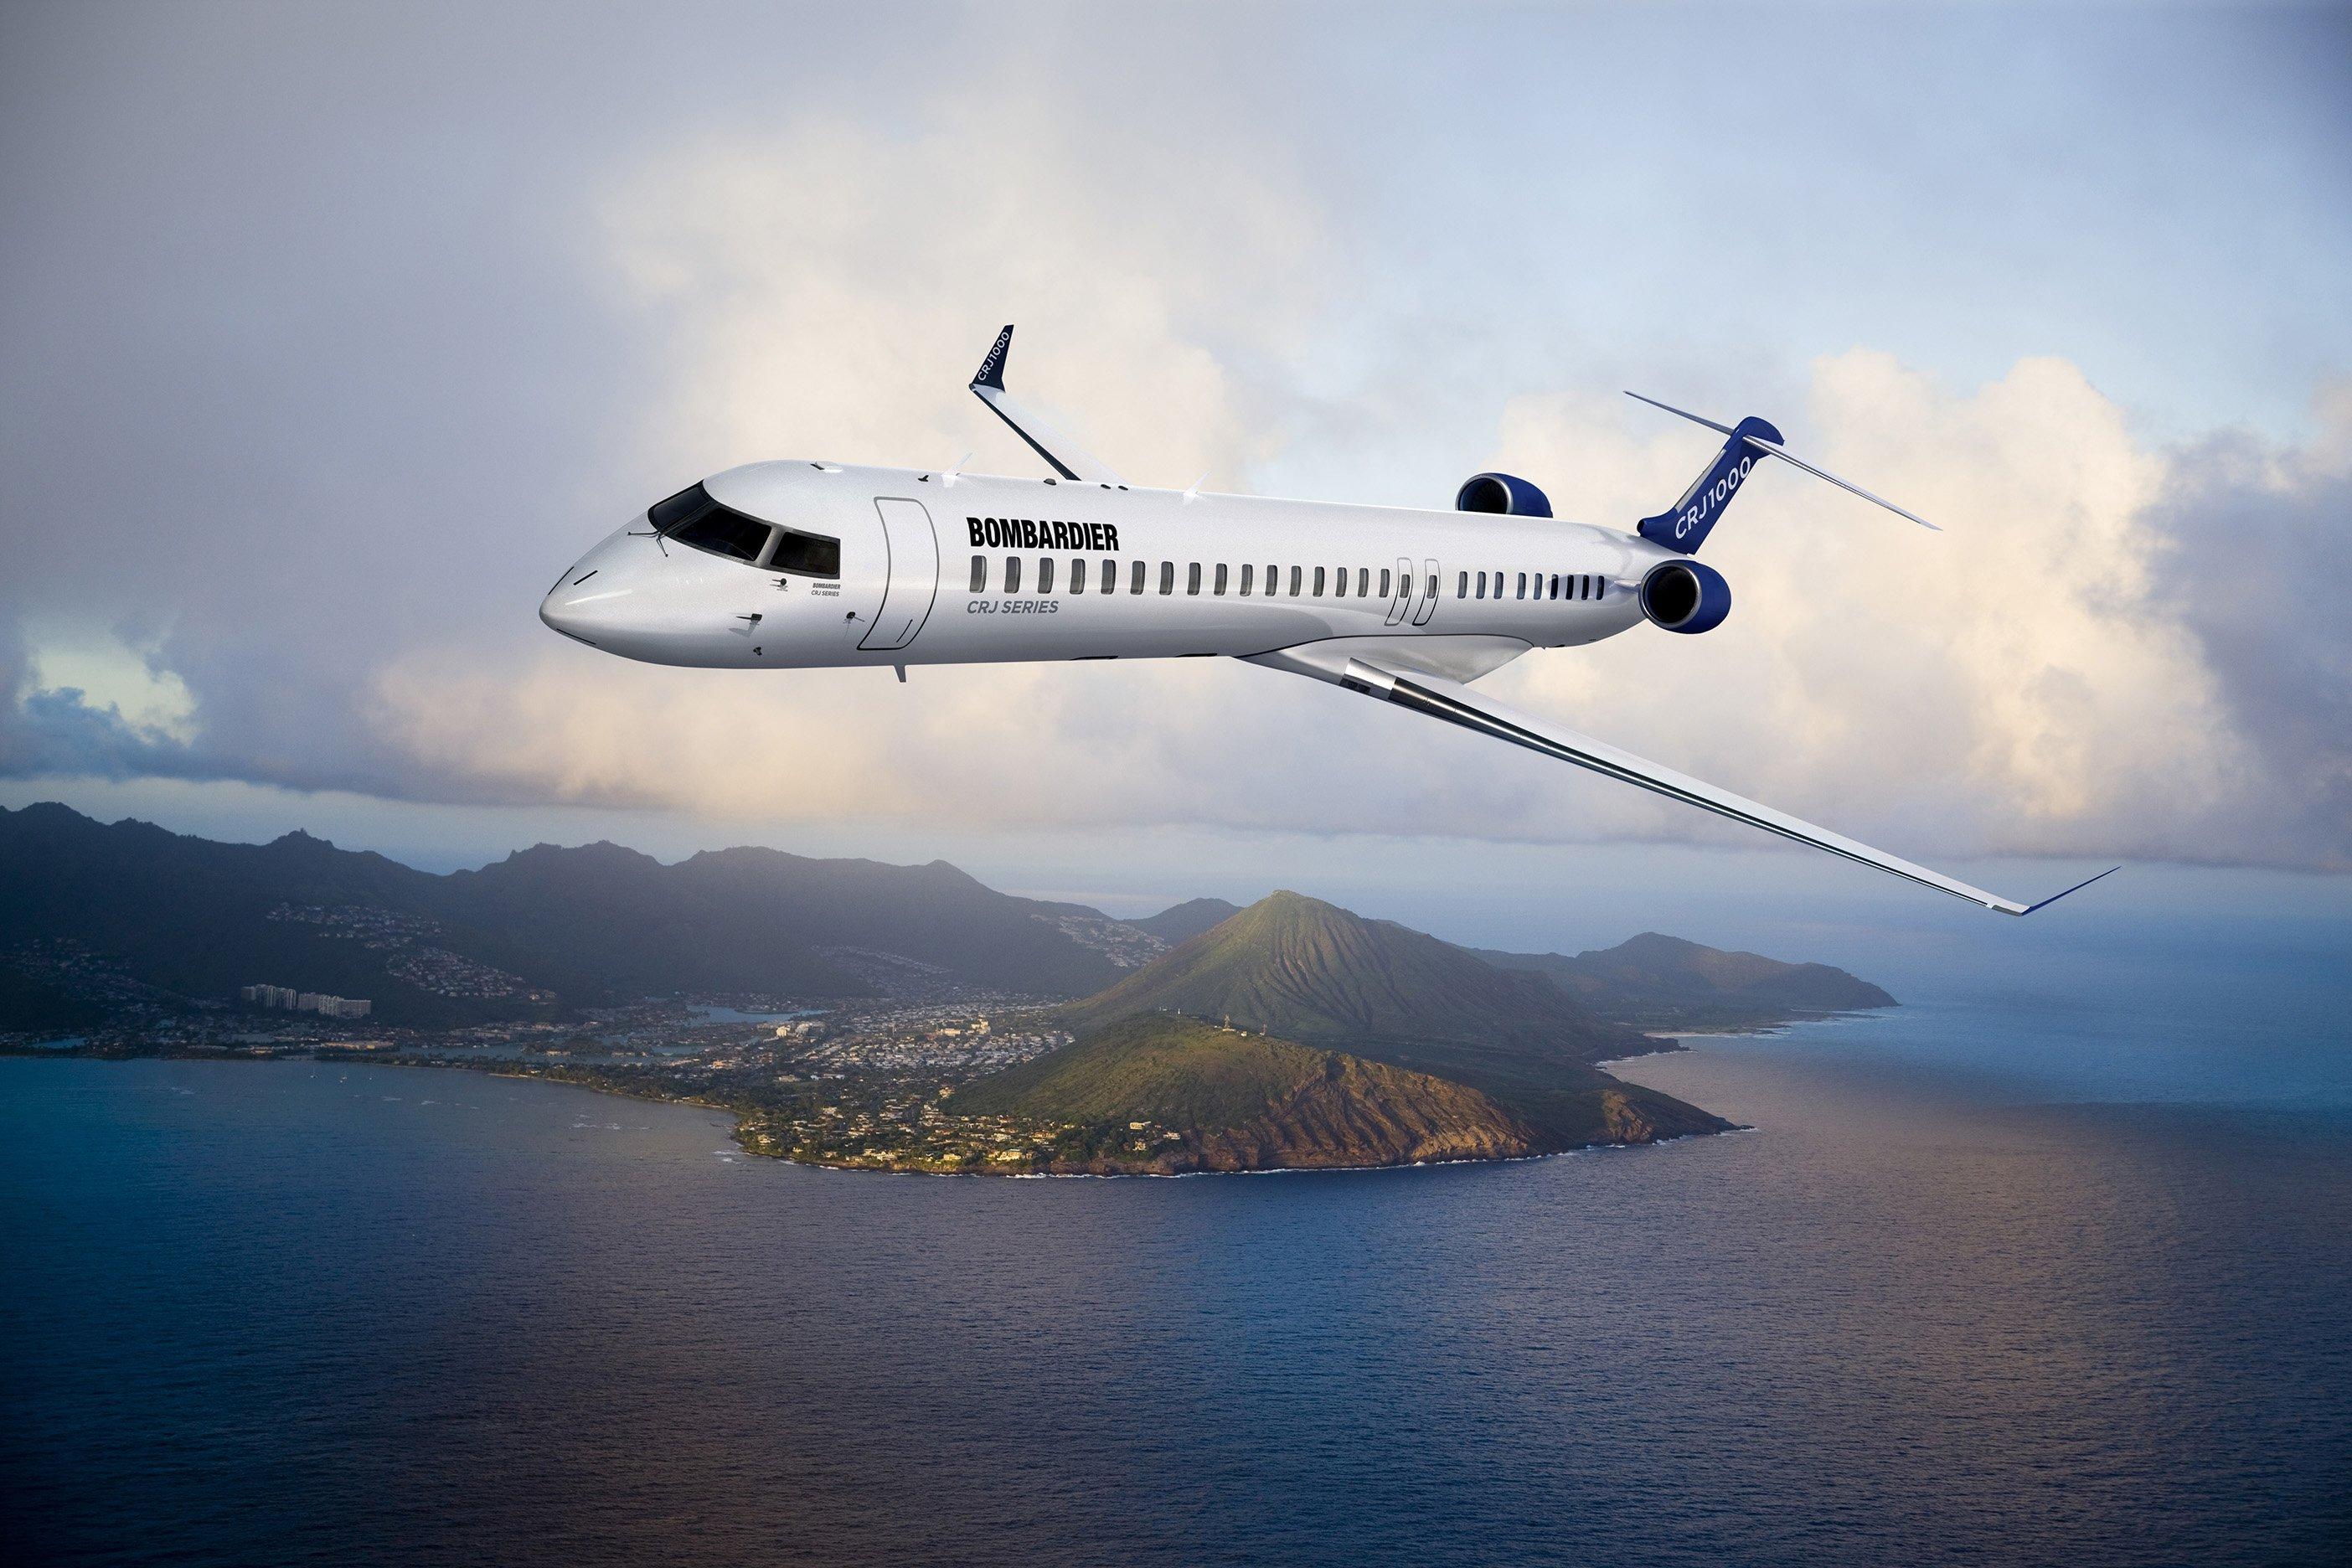 Plane Bombardier